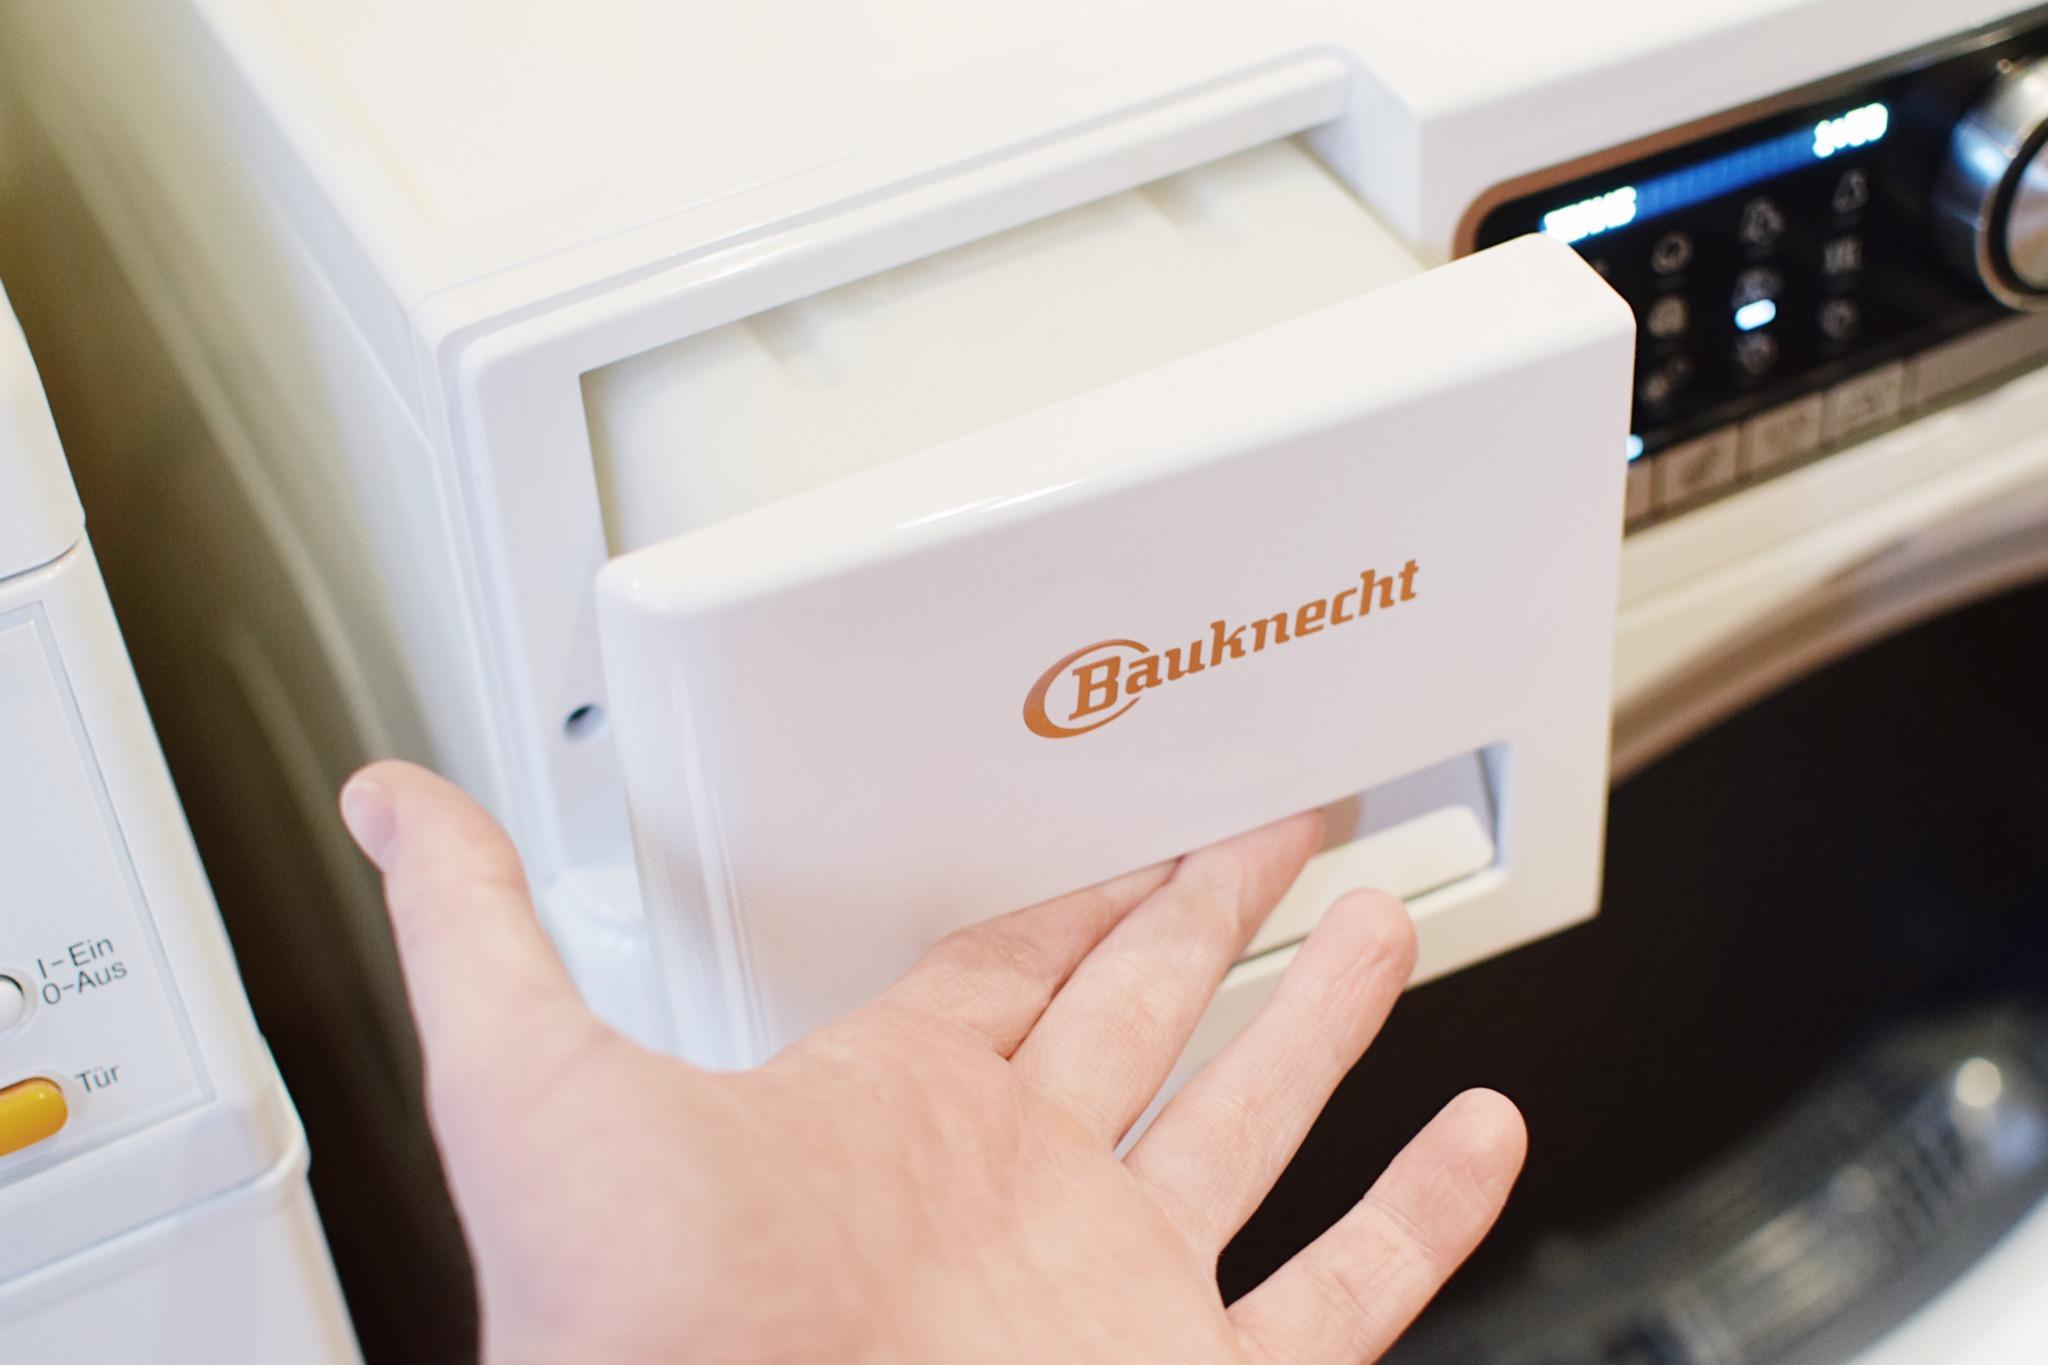 Bauknecht TR Style 82A3 BW5537